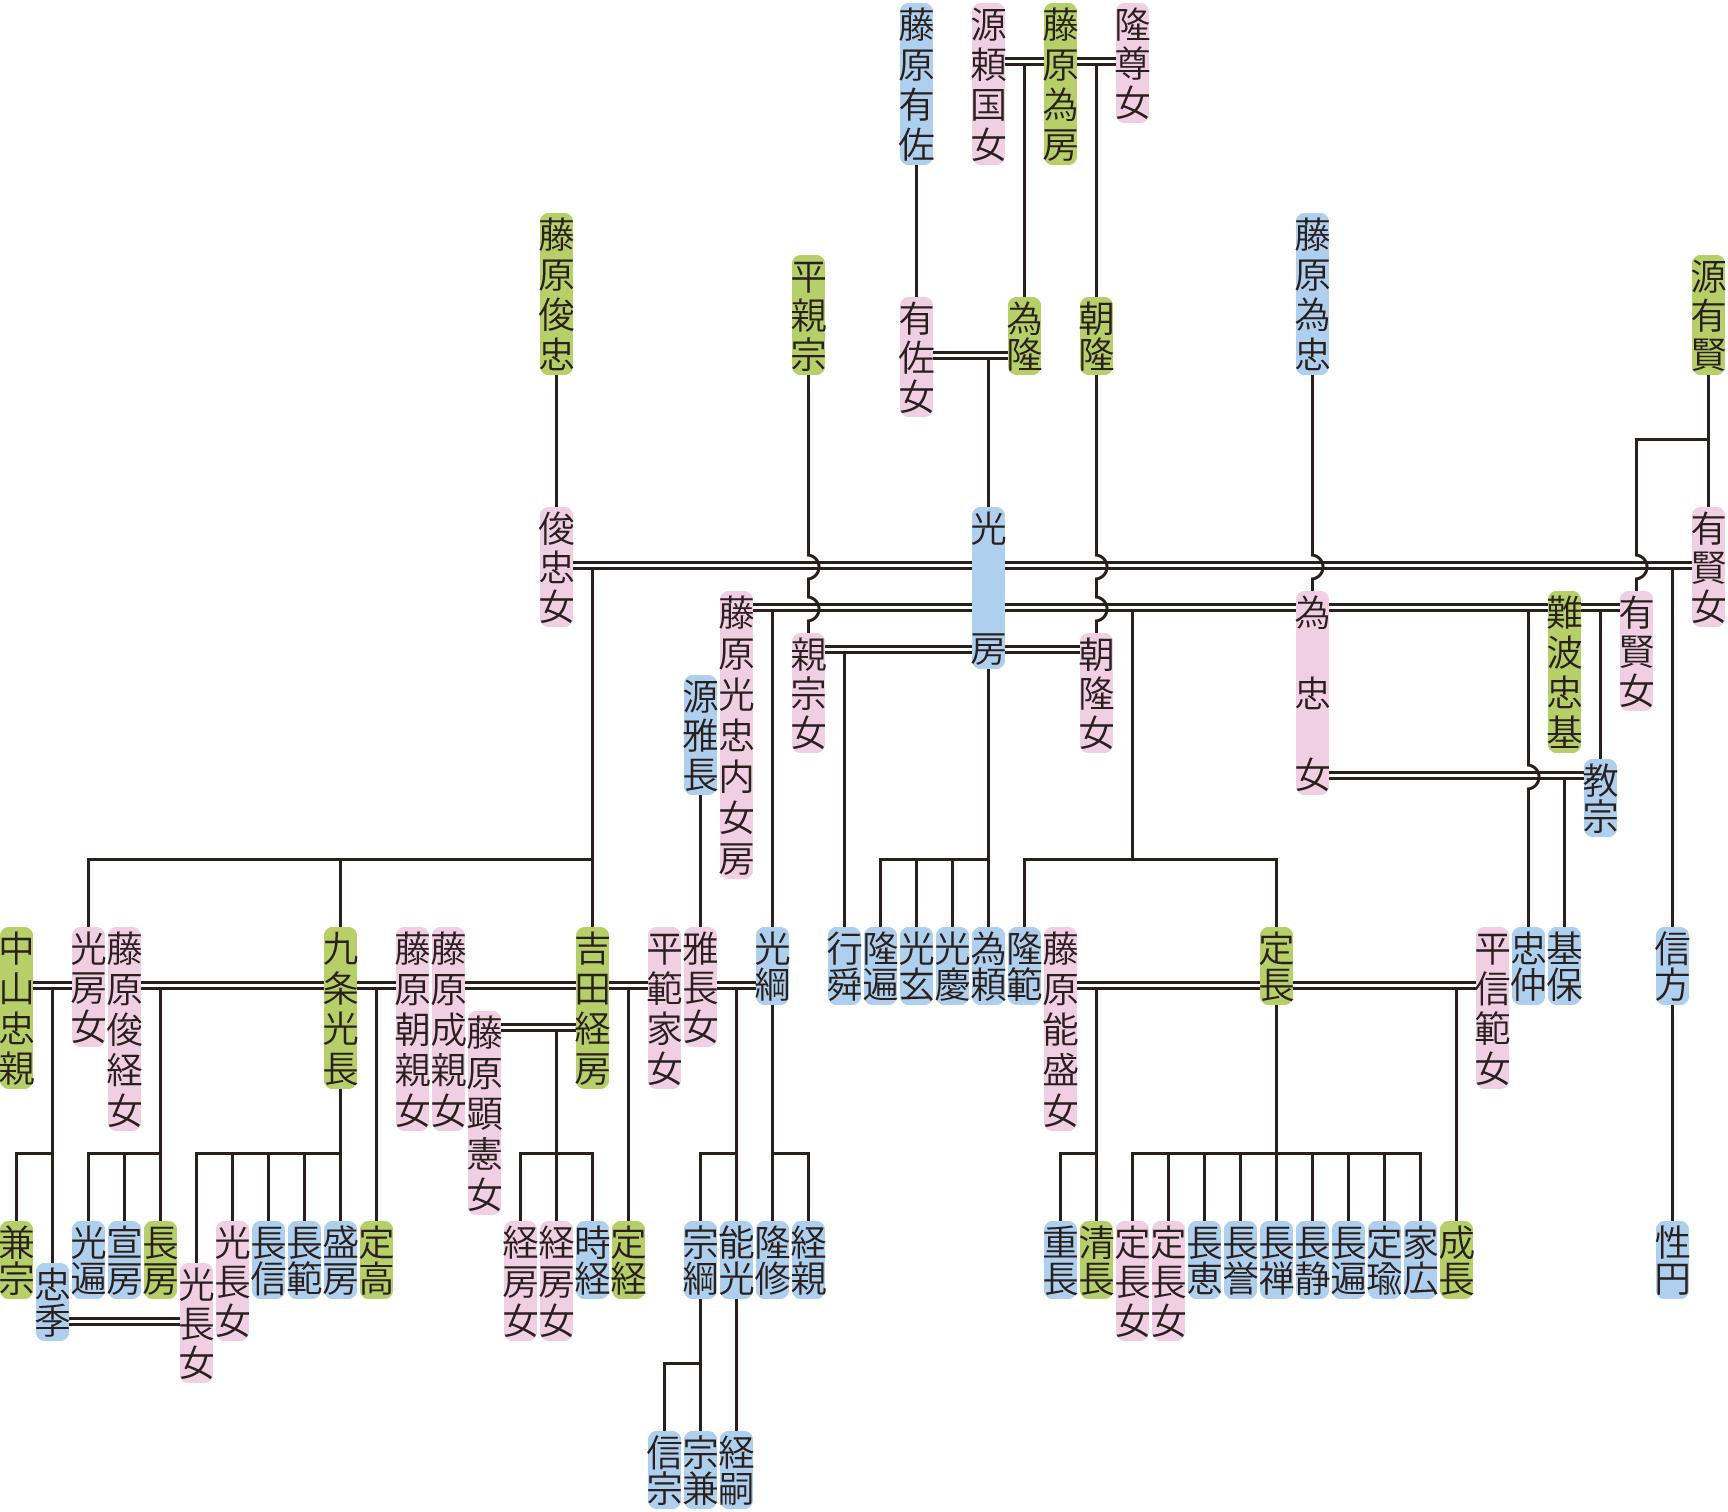 藤原光房の系図